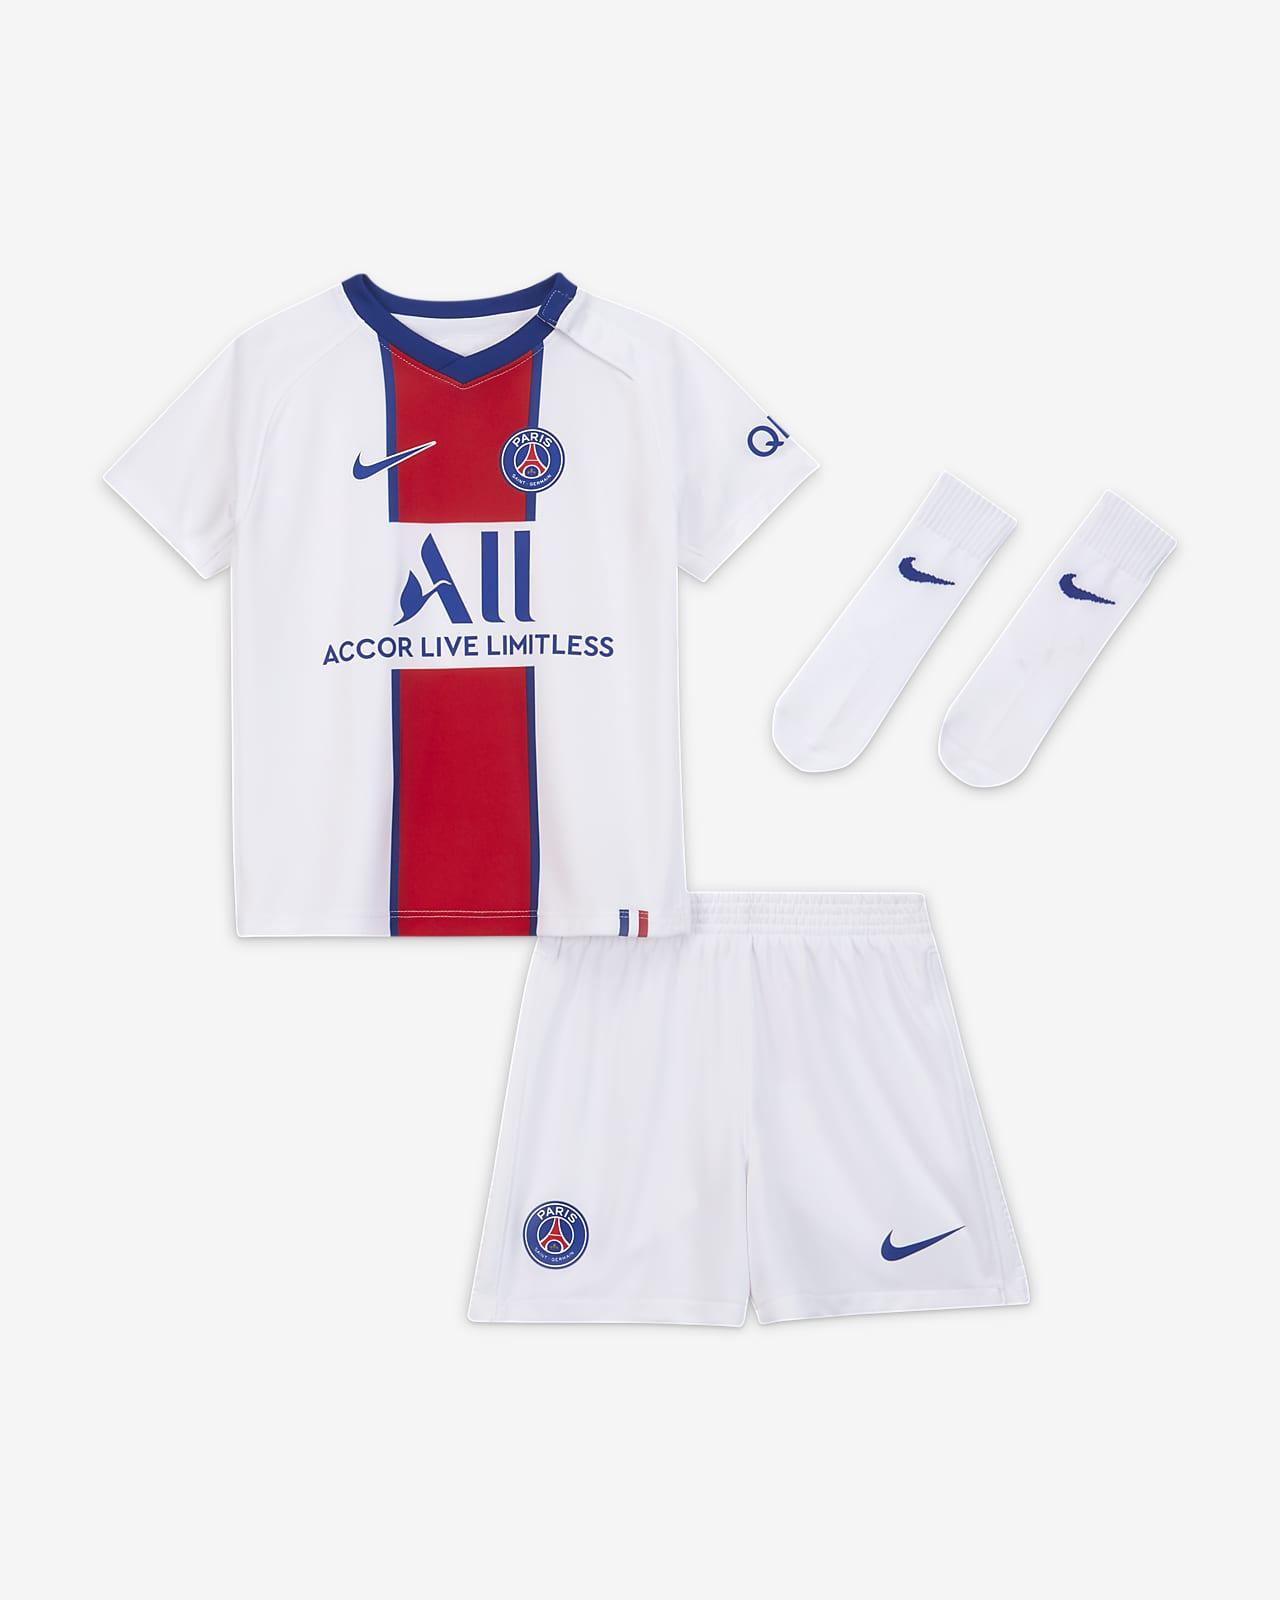 Εμφάνιση ποδοσφαίρου Παρί Σεν Ζερμέν 2020/21 Away για βρέφη και νήπια